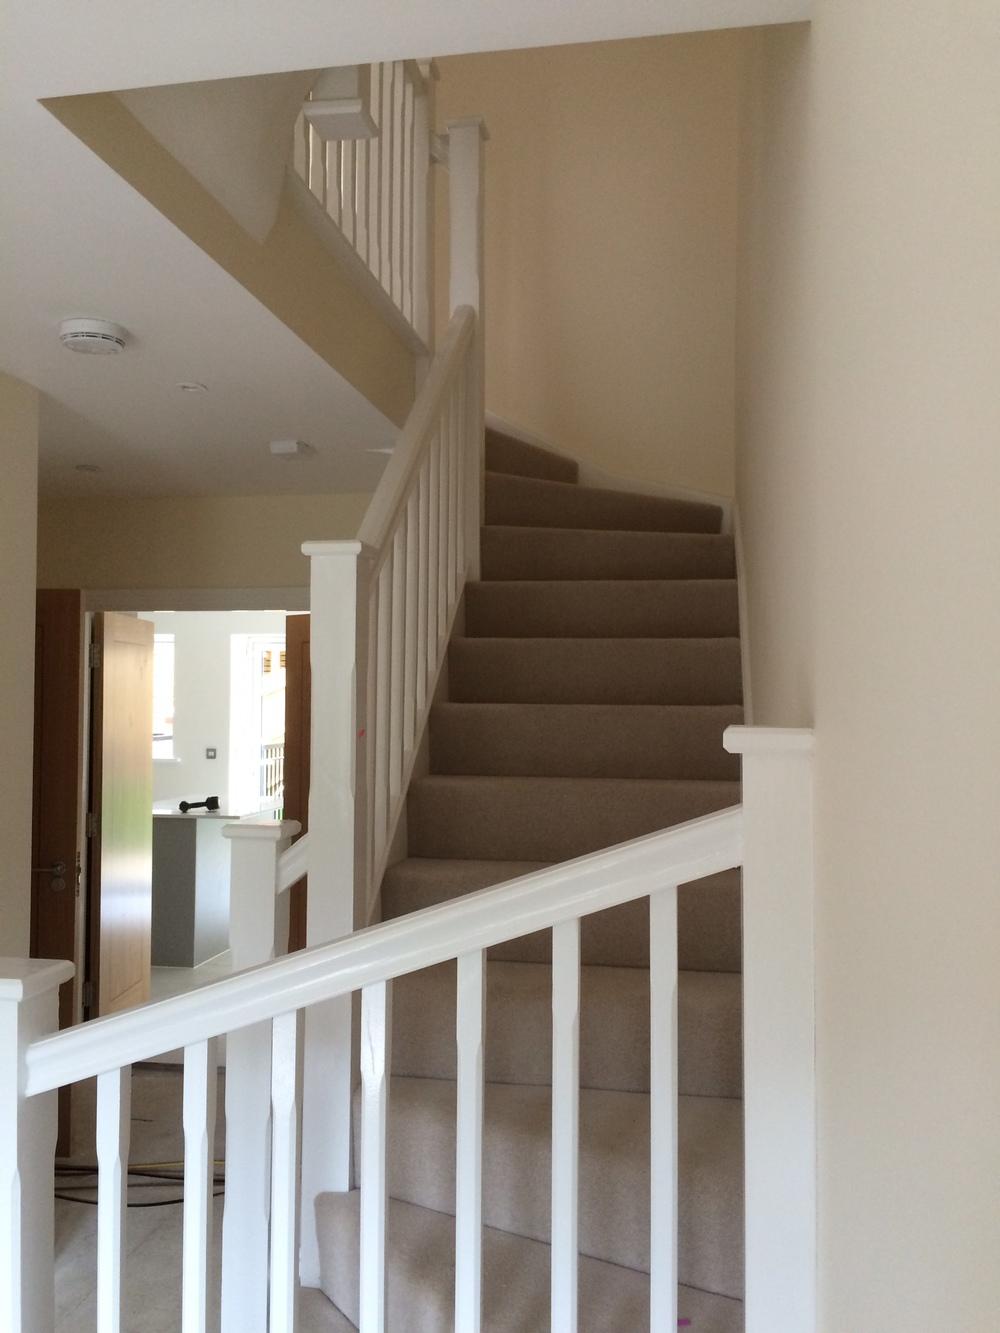 Staircase & Skirting 001.JPG